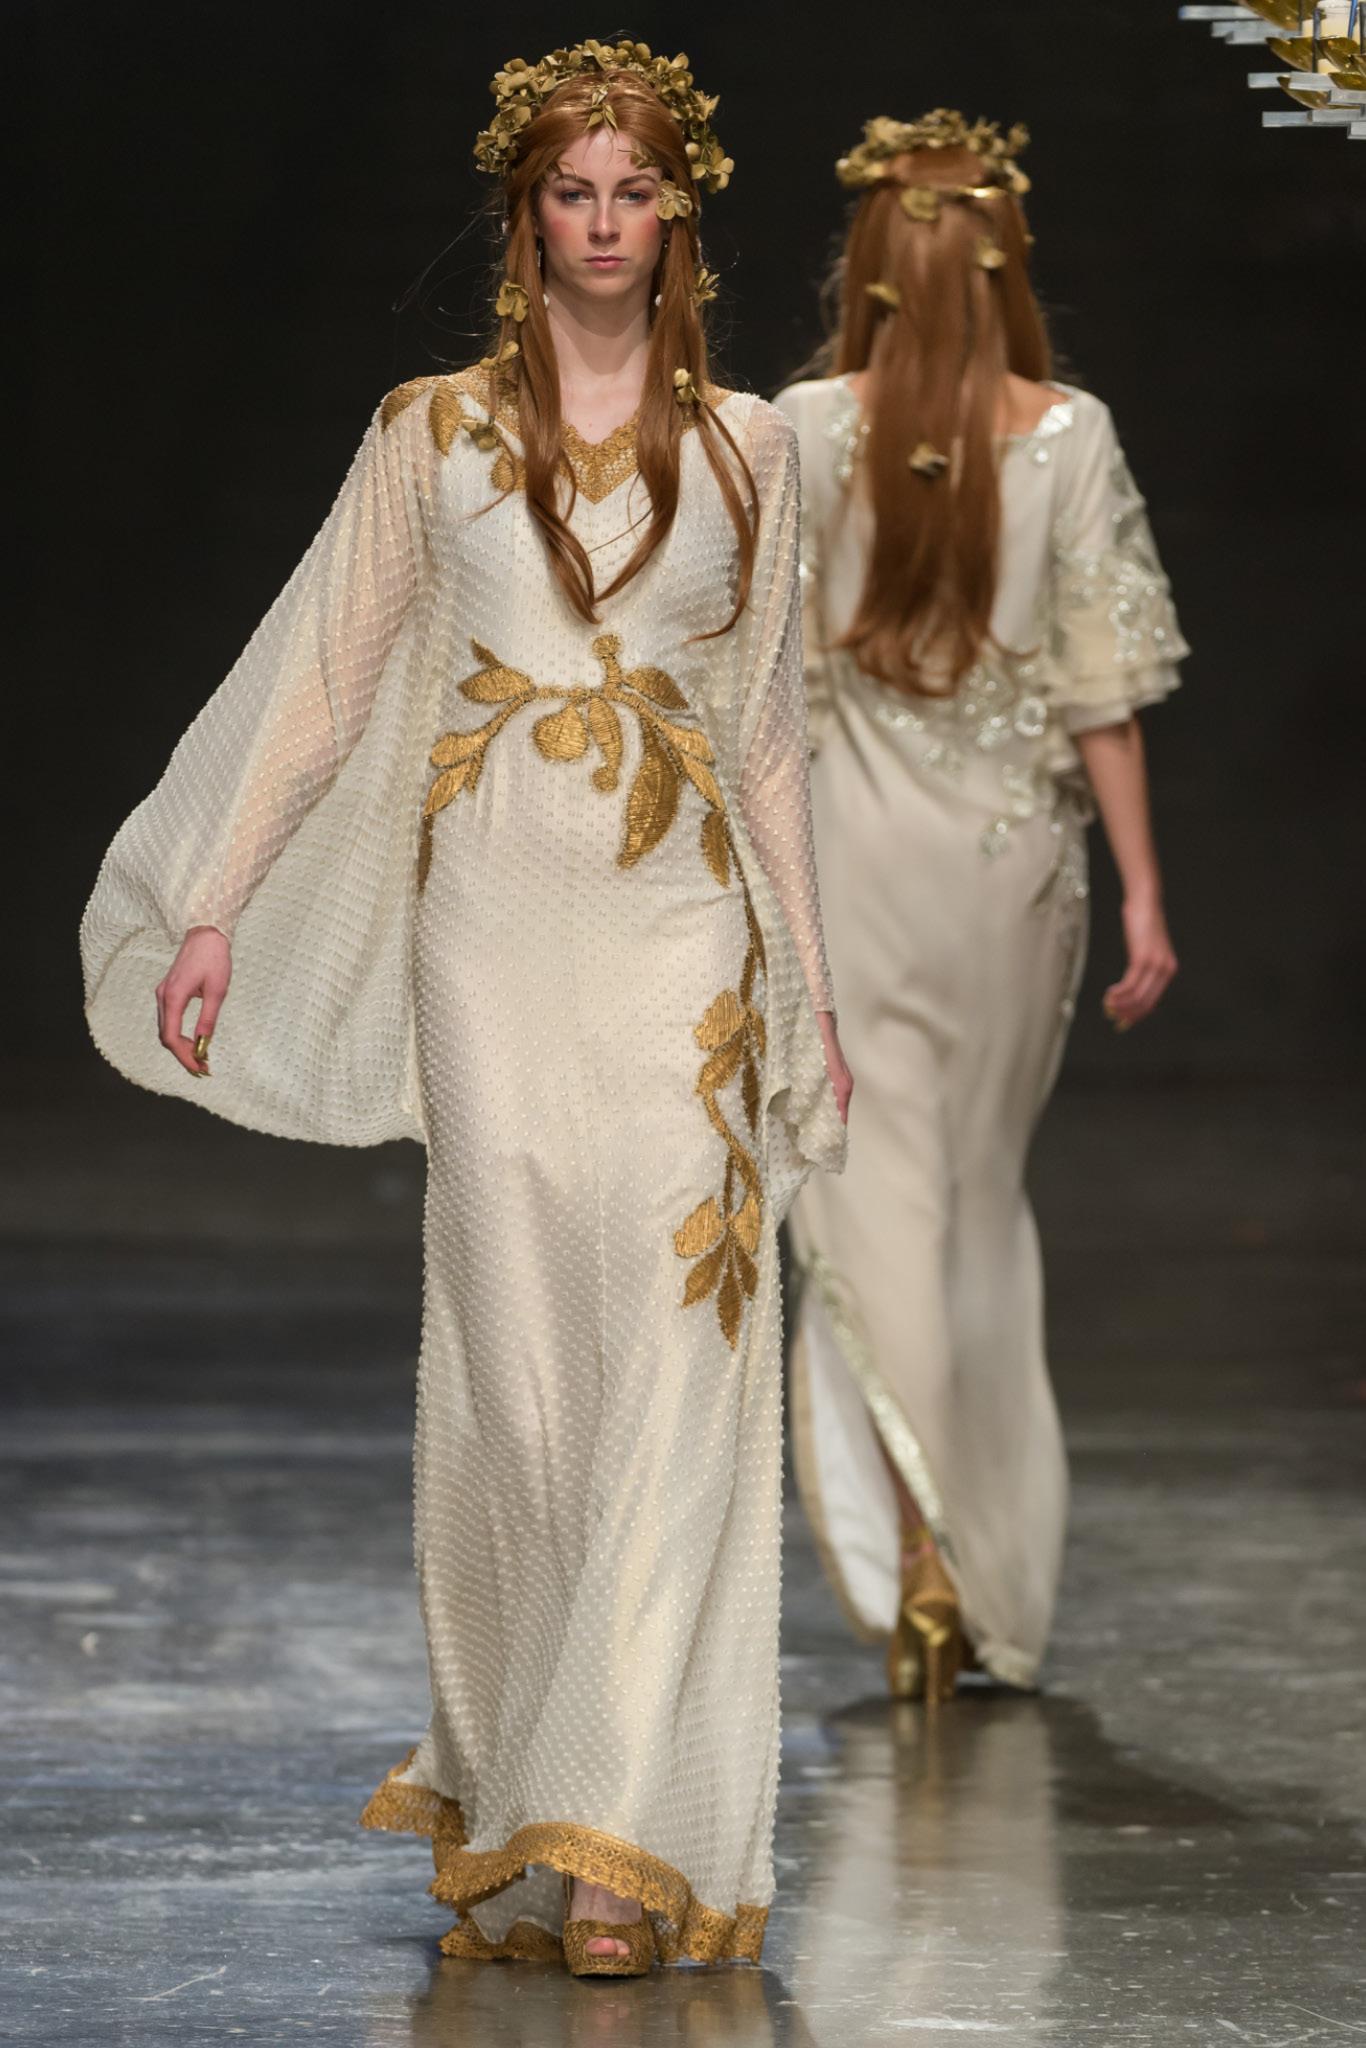 Zareena at Fashion Forward Season 5.